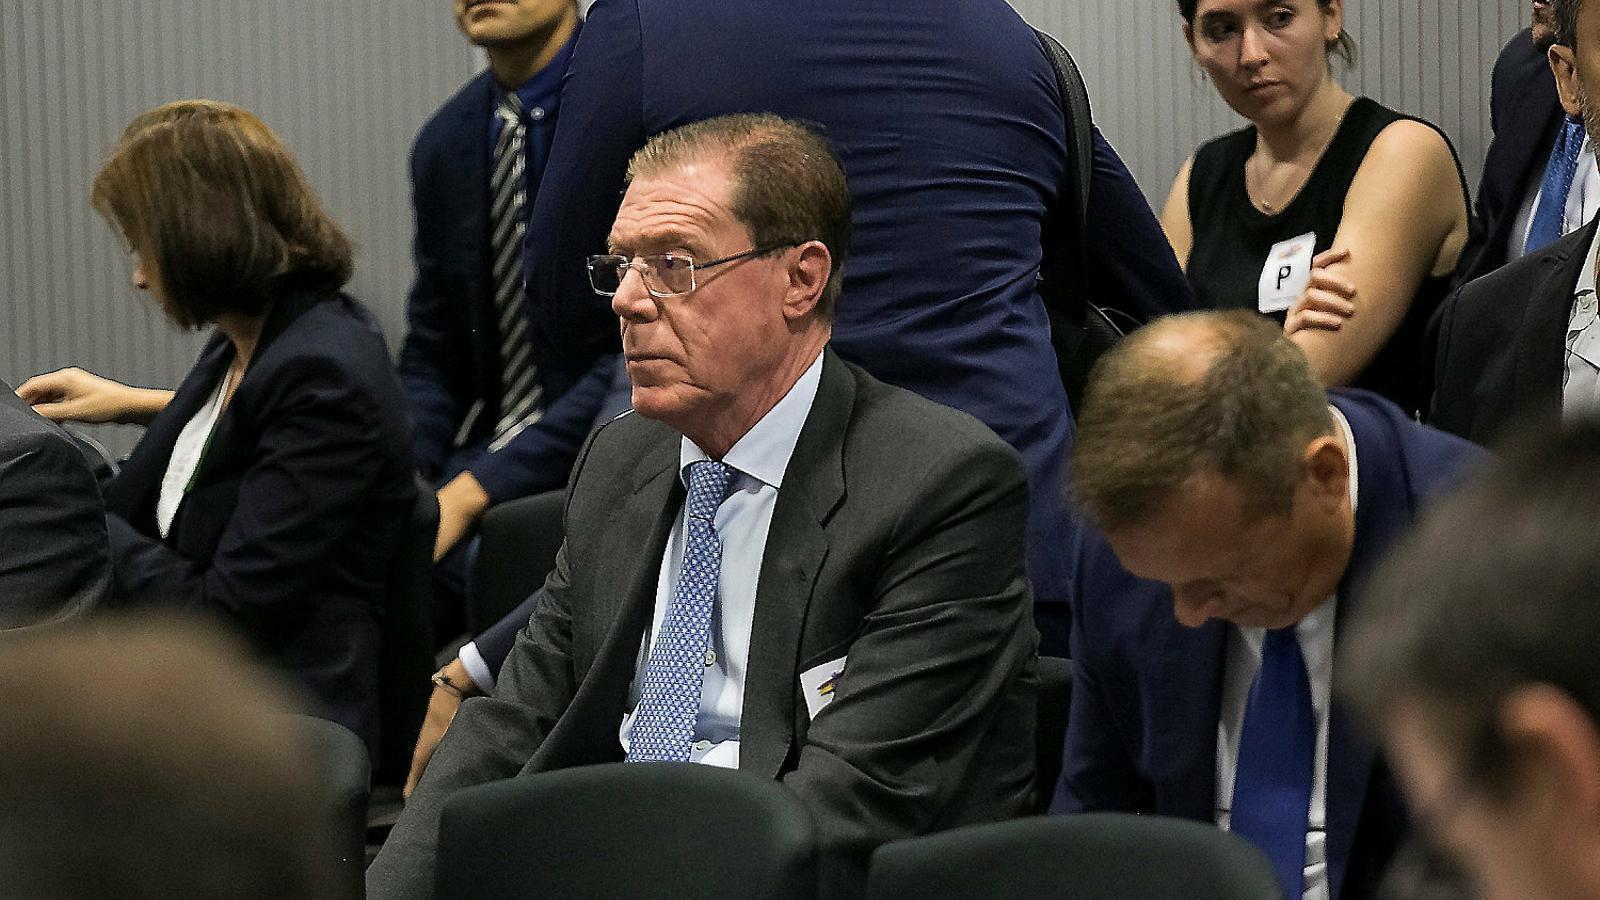 Quatre anys de presó per a l'exdirector del Banc de València